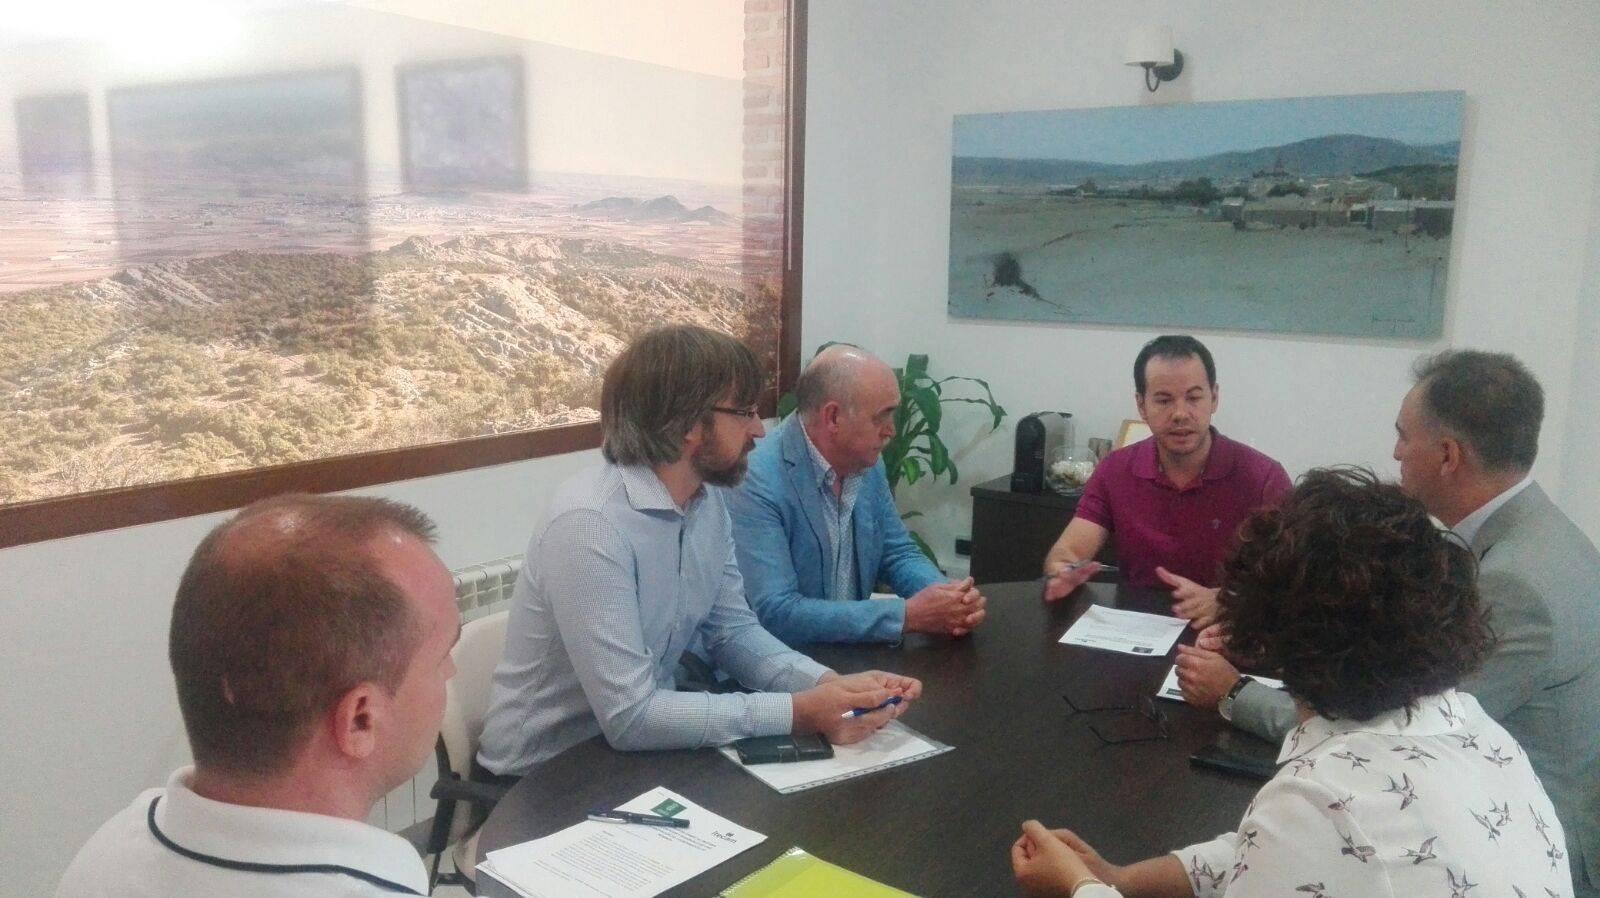 firma convenio itecam 1 - Convenio entre Itecam y Herencia para mejora en proyectos empresariales